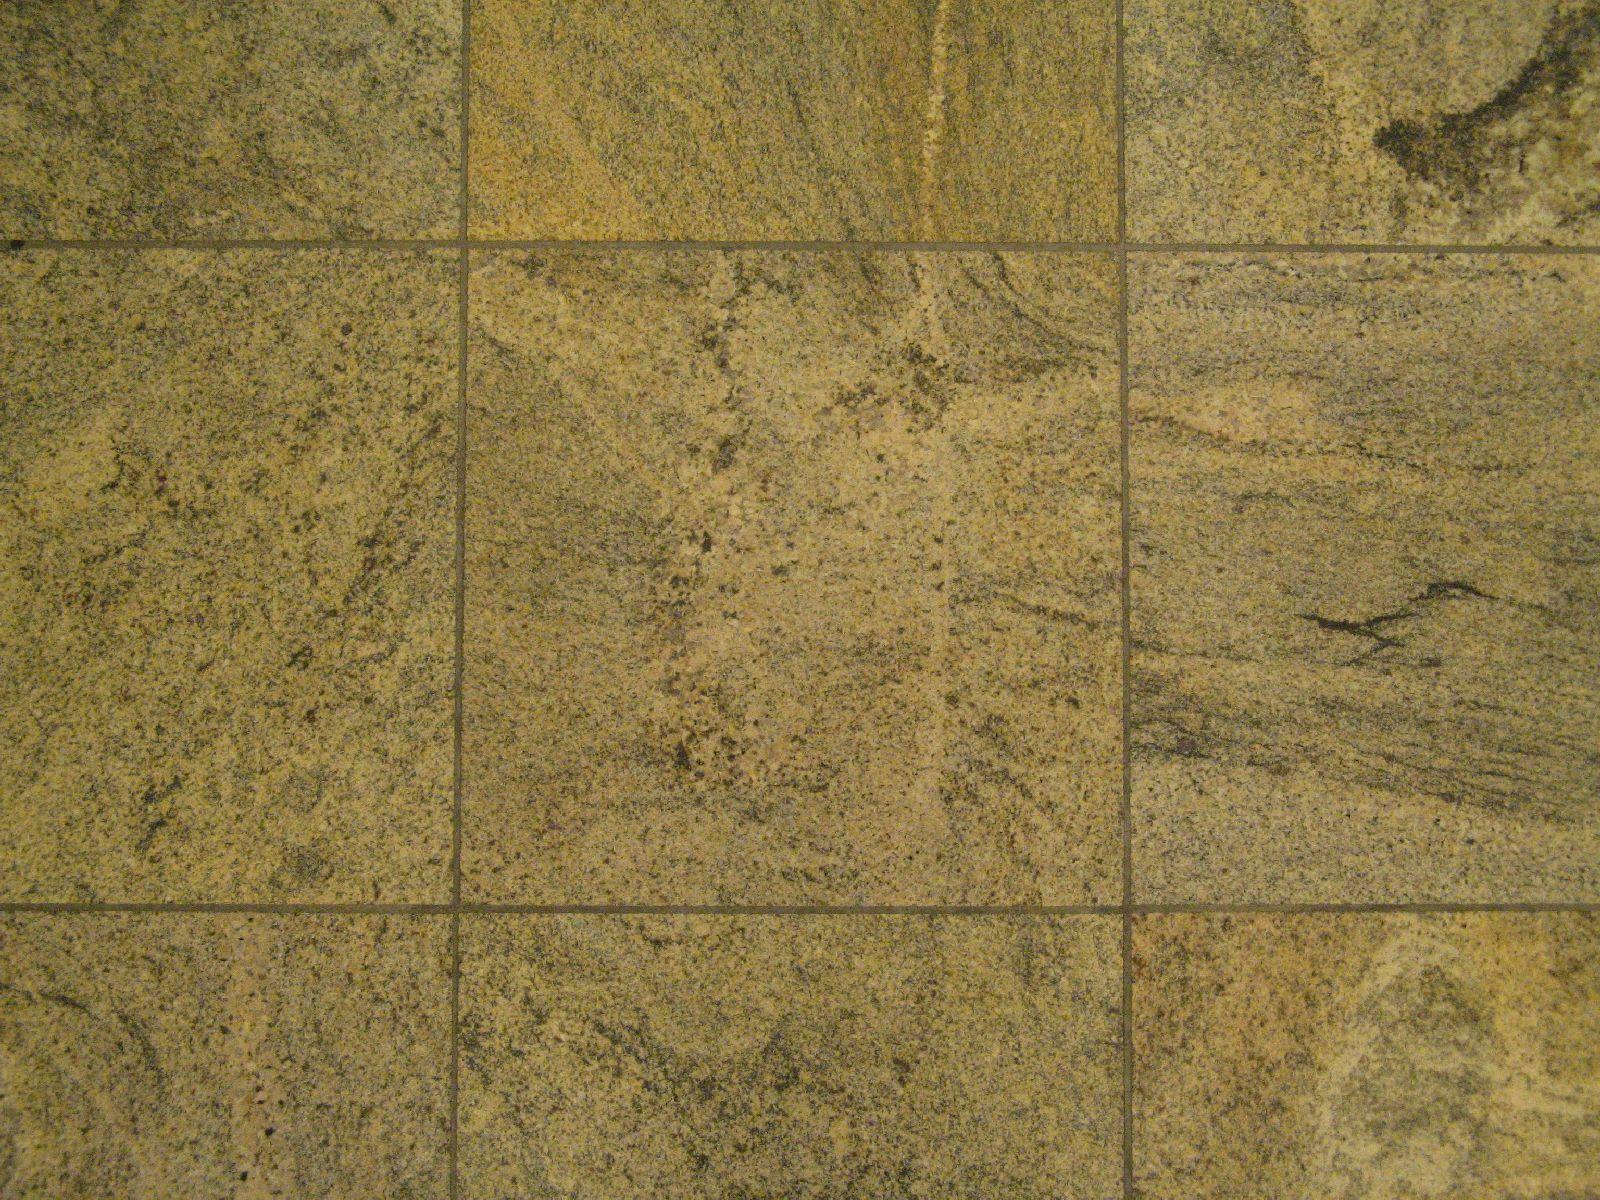 Ground-Urban_Texture_B_02911